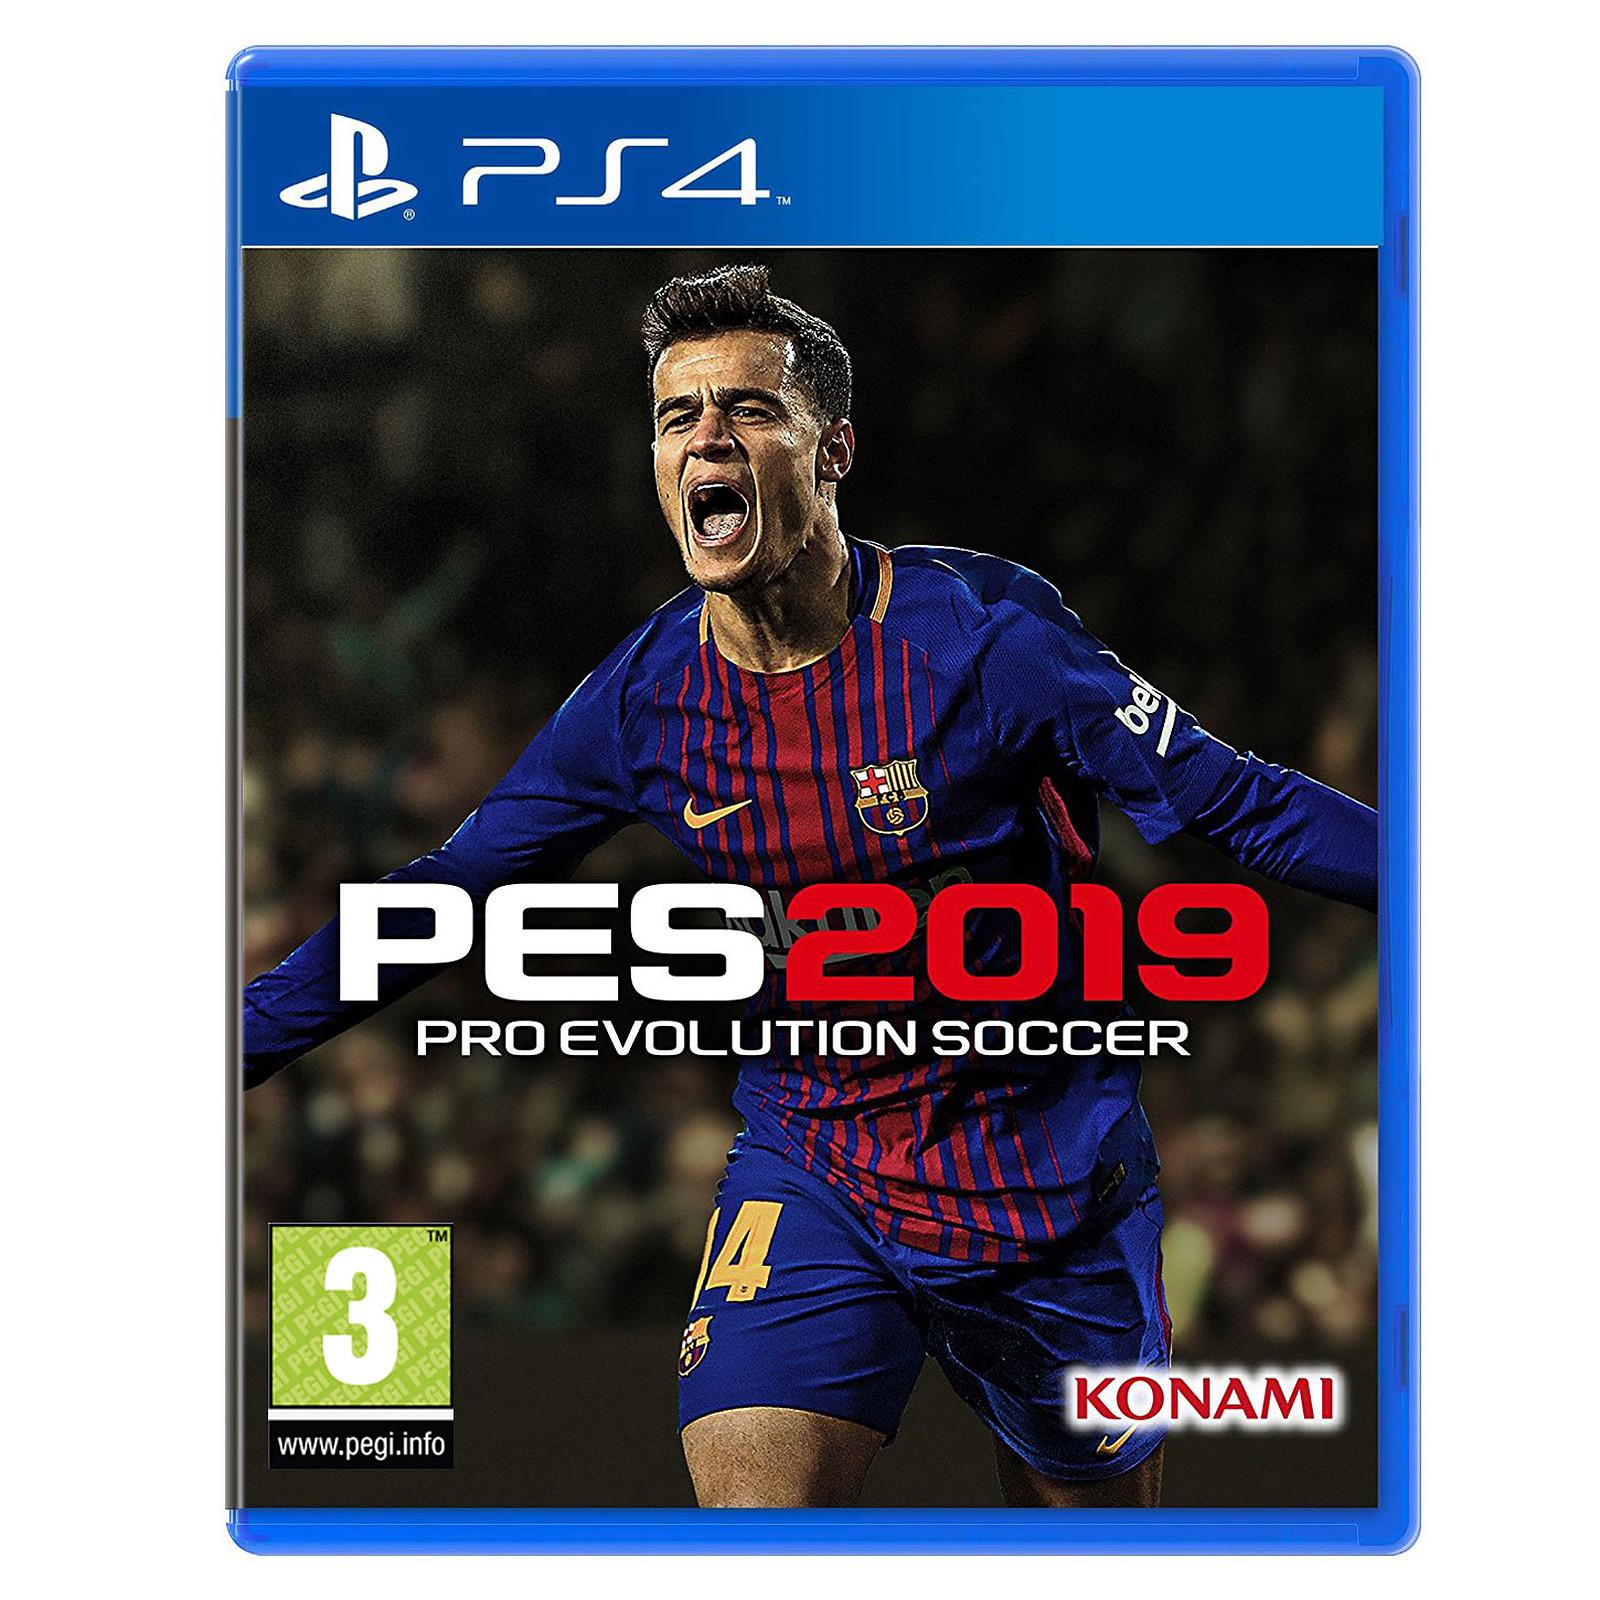 Pes 2019 Ps4 Juegos Ps4 Konami En Ldlc Com